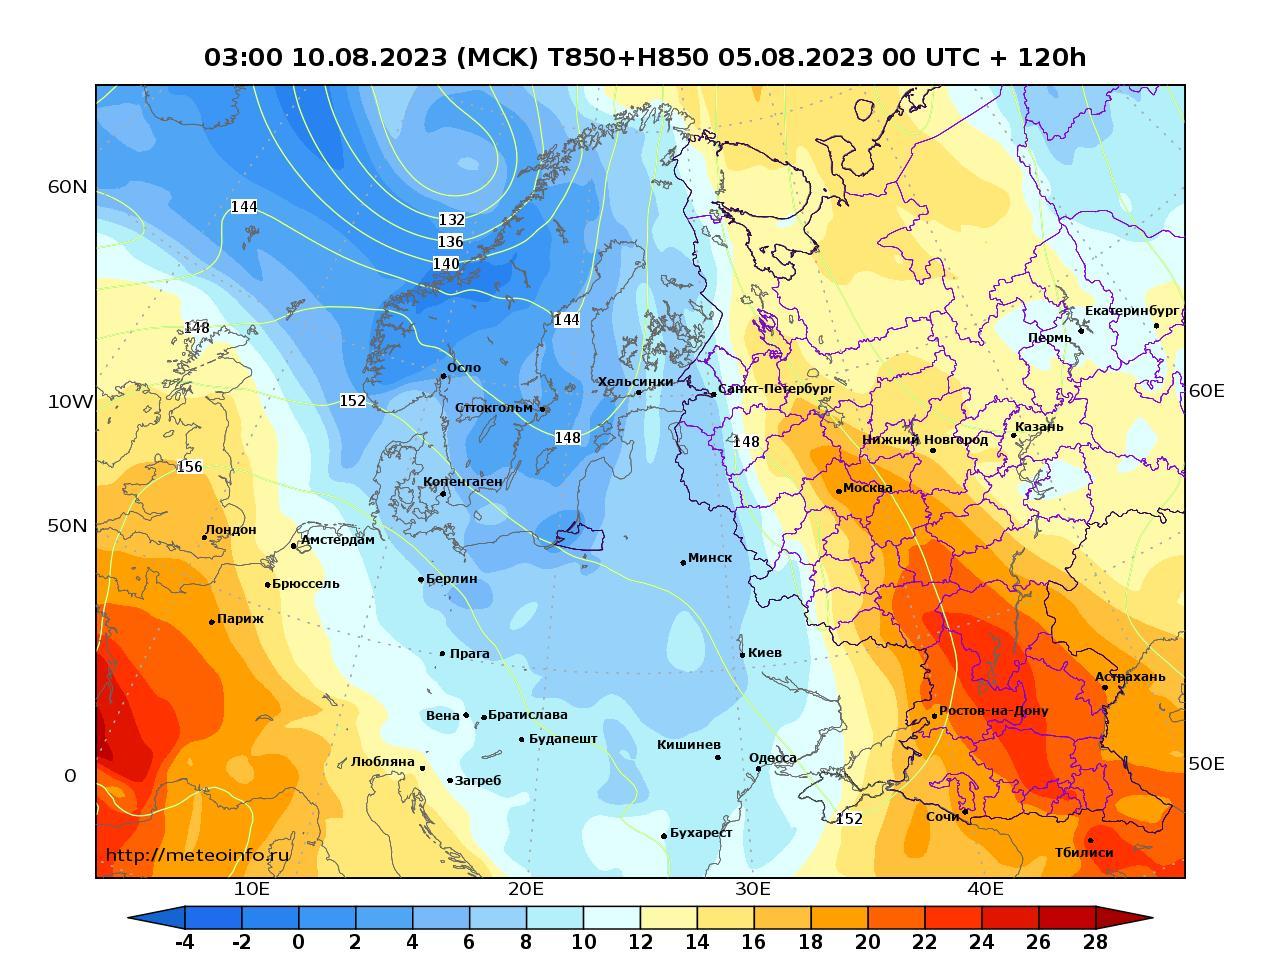 Европейская территория России, прогностическая карта температура T850 и геопотенциал H850, заблаговременность прогноза 120 часов